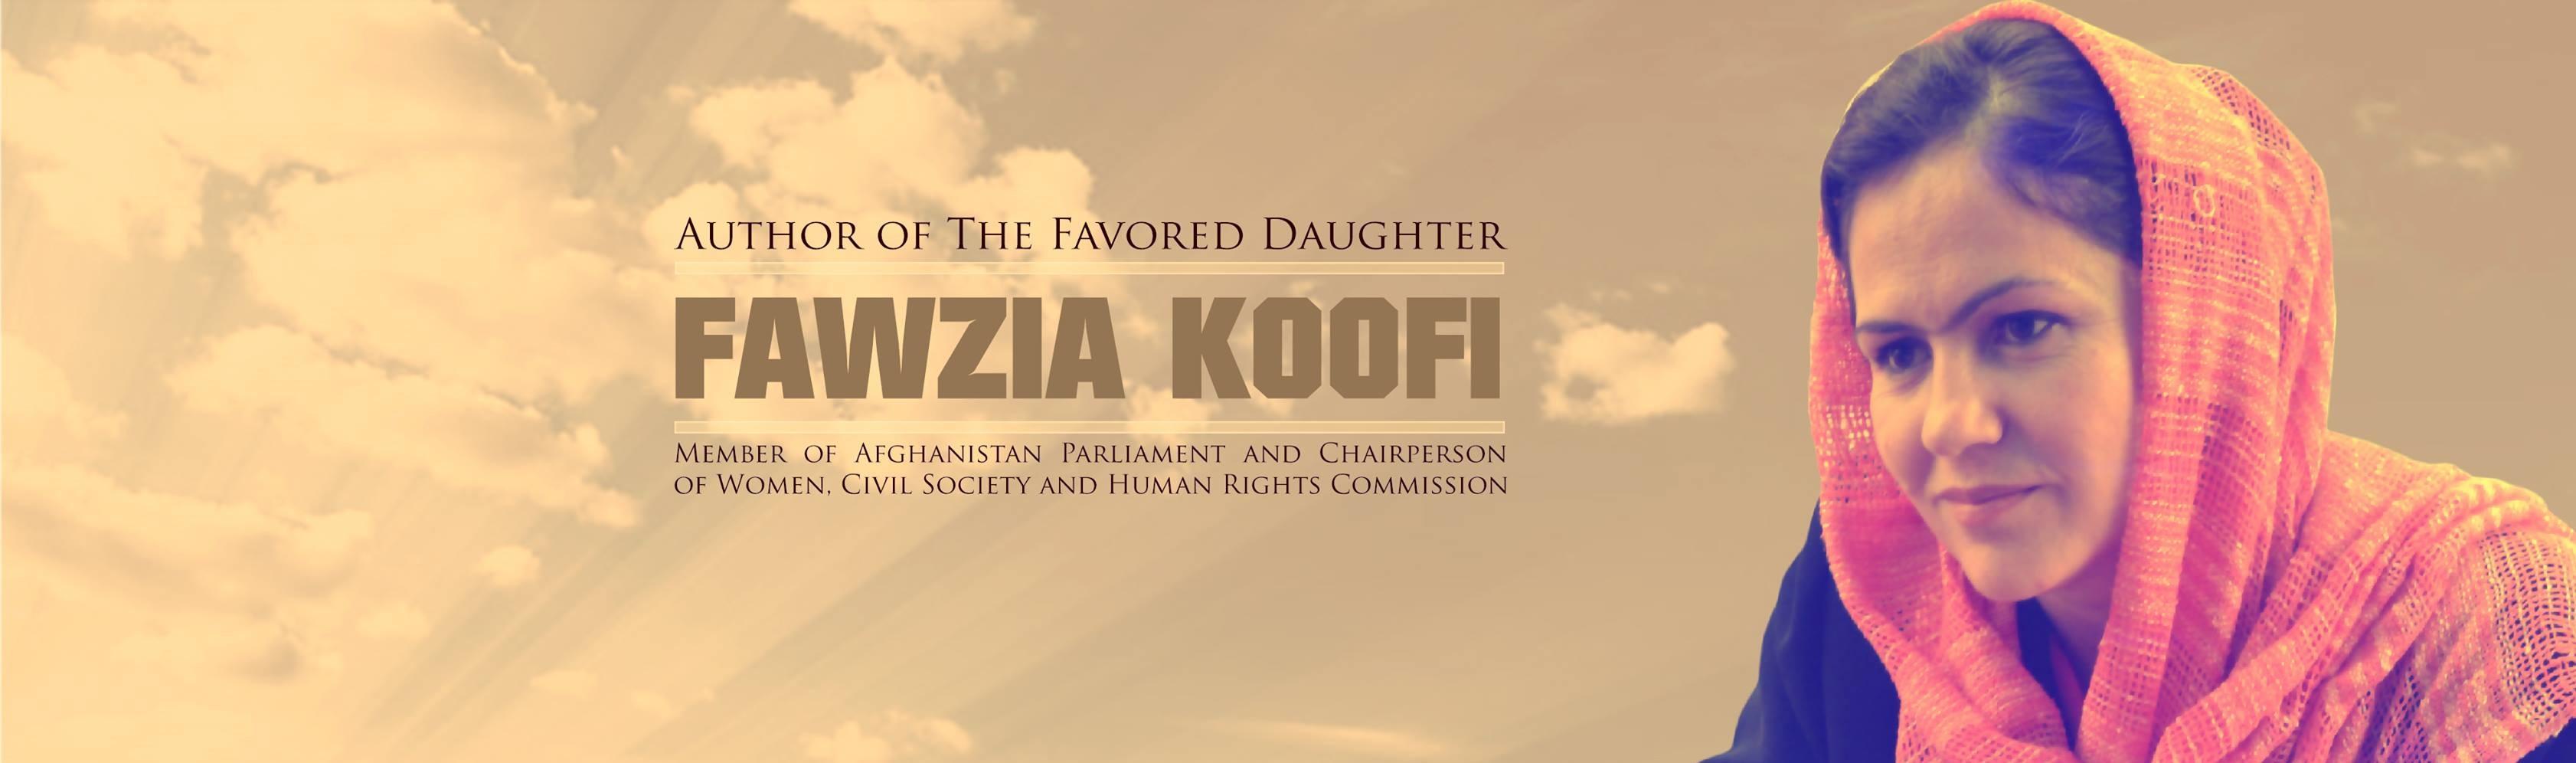 Fawzia Koofi Afghan Lawmaker